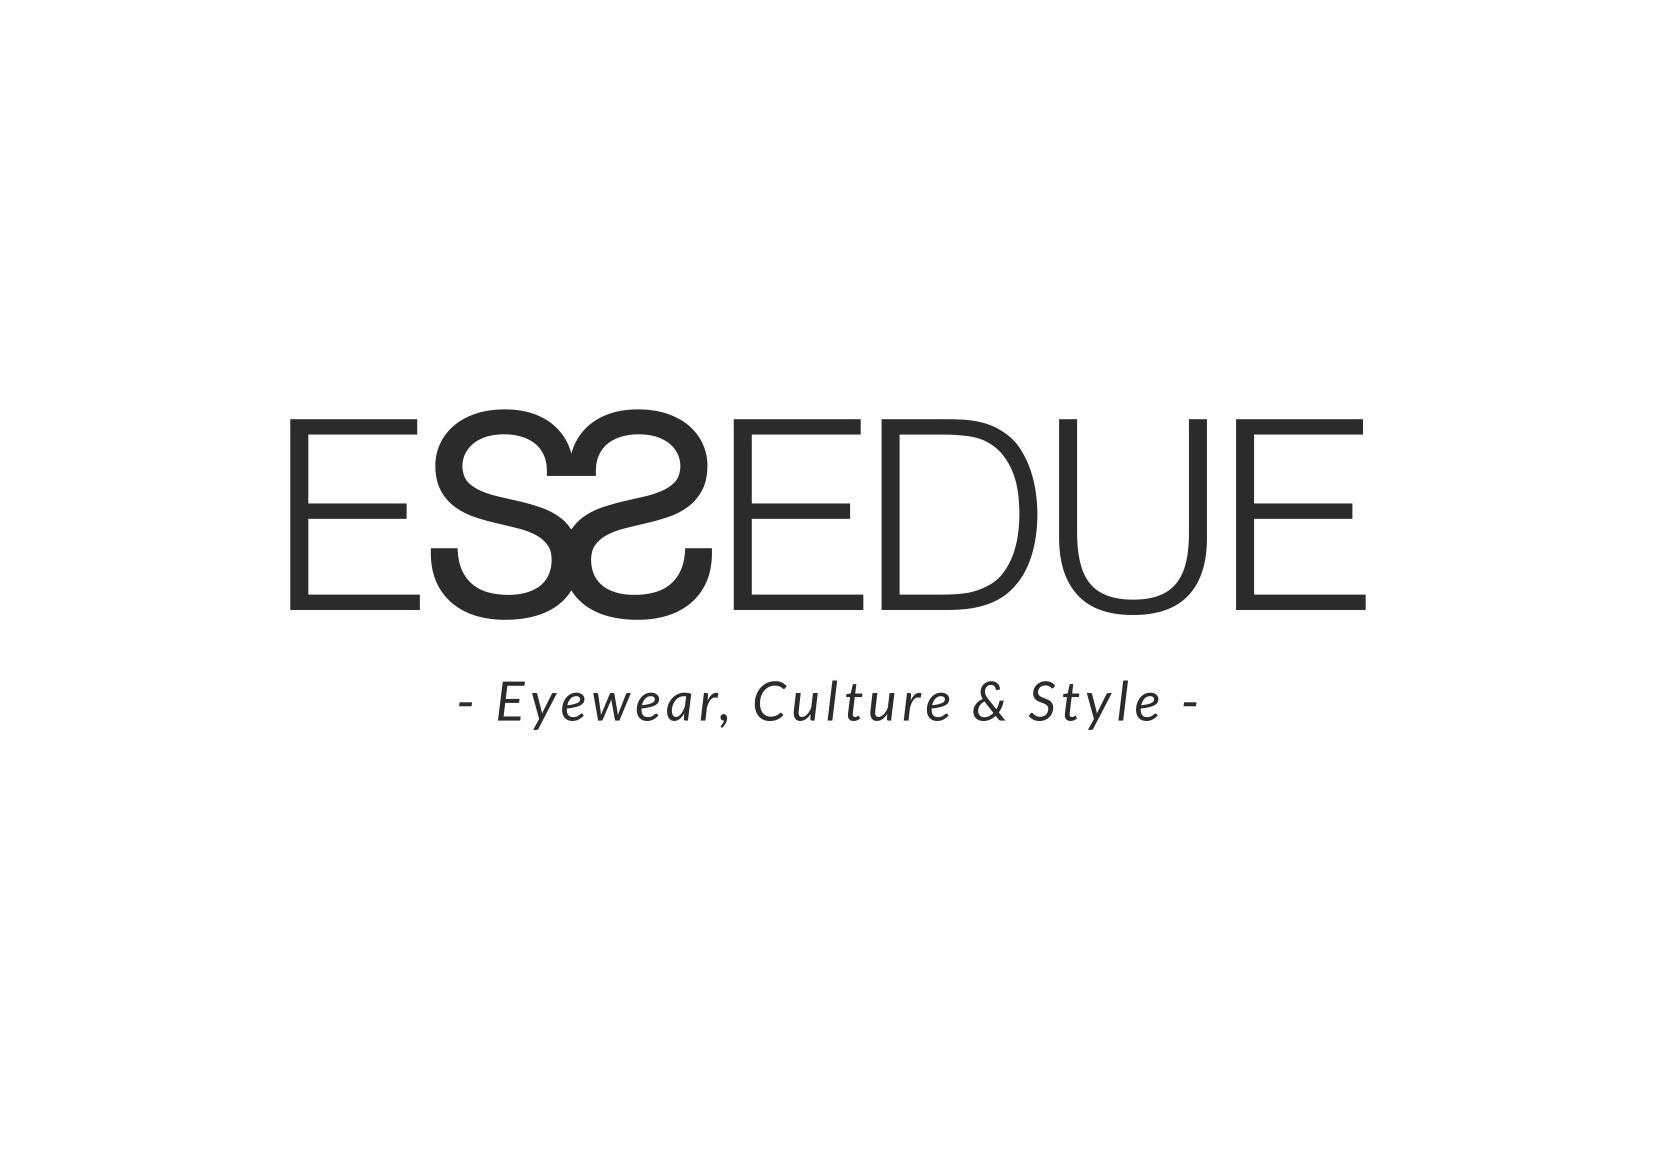 ESSEDUE logo